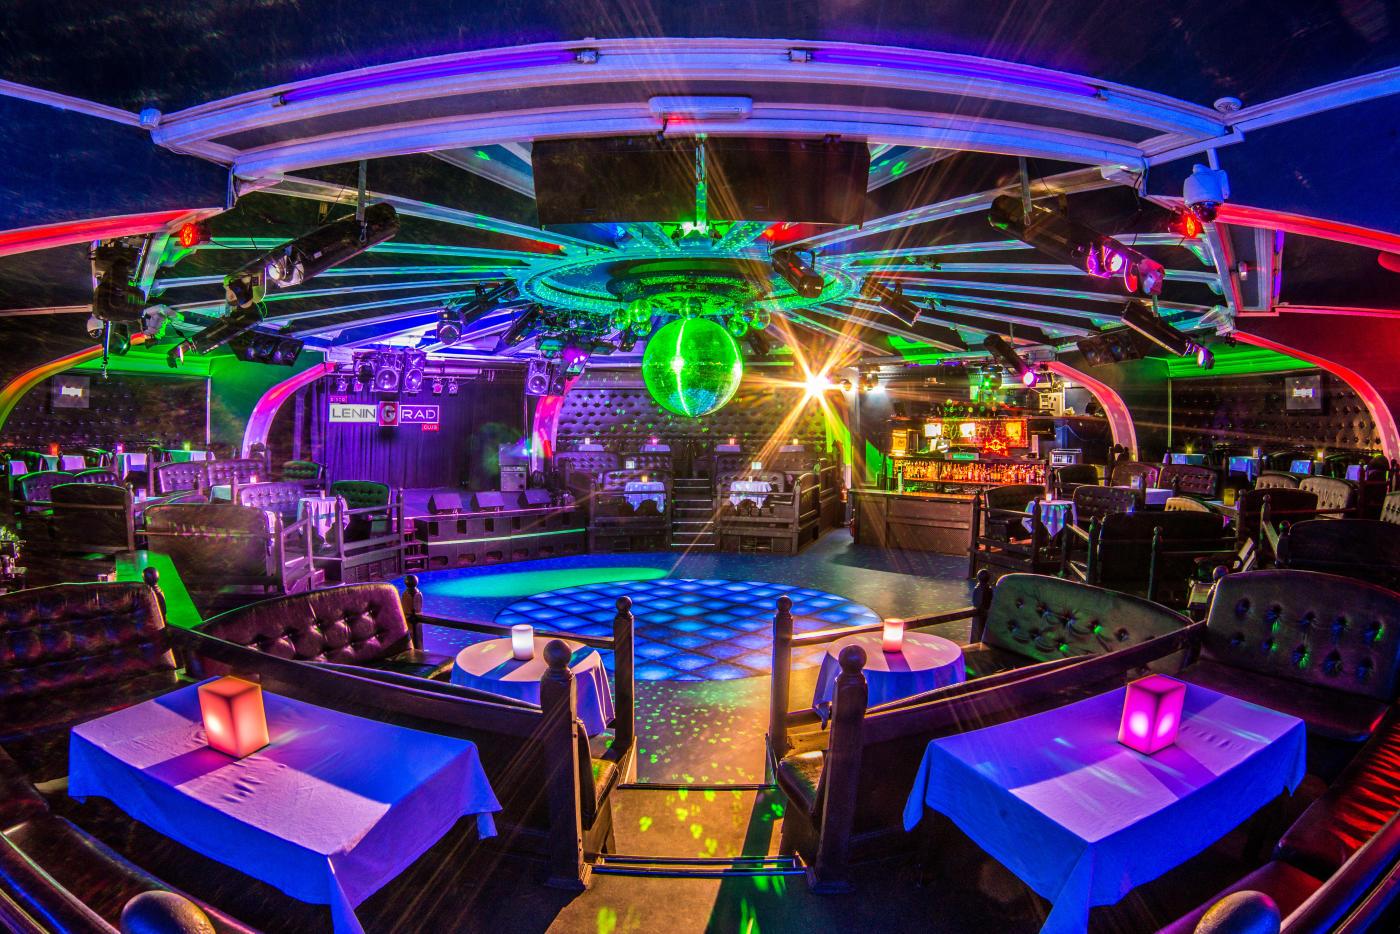 Ночные клубы москвы ретро дискотека ночной клуб транссексуалов в москве